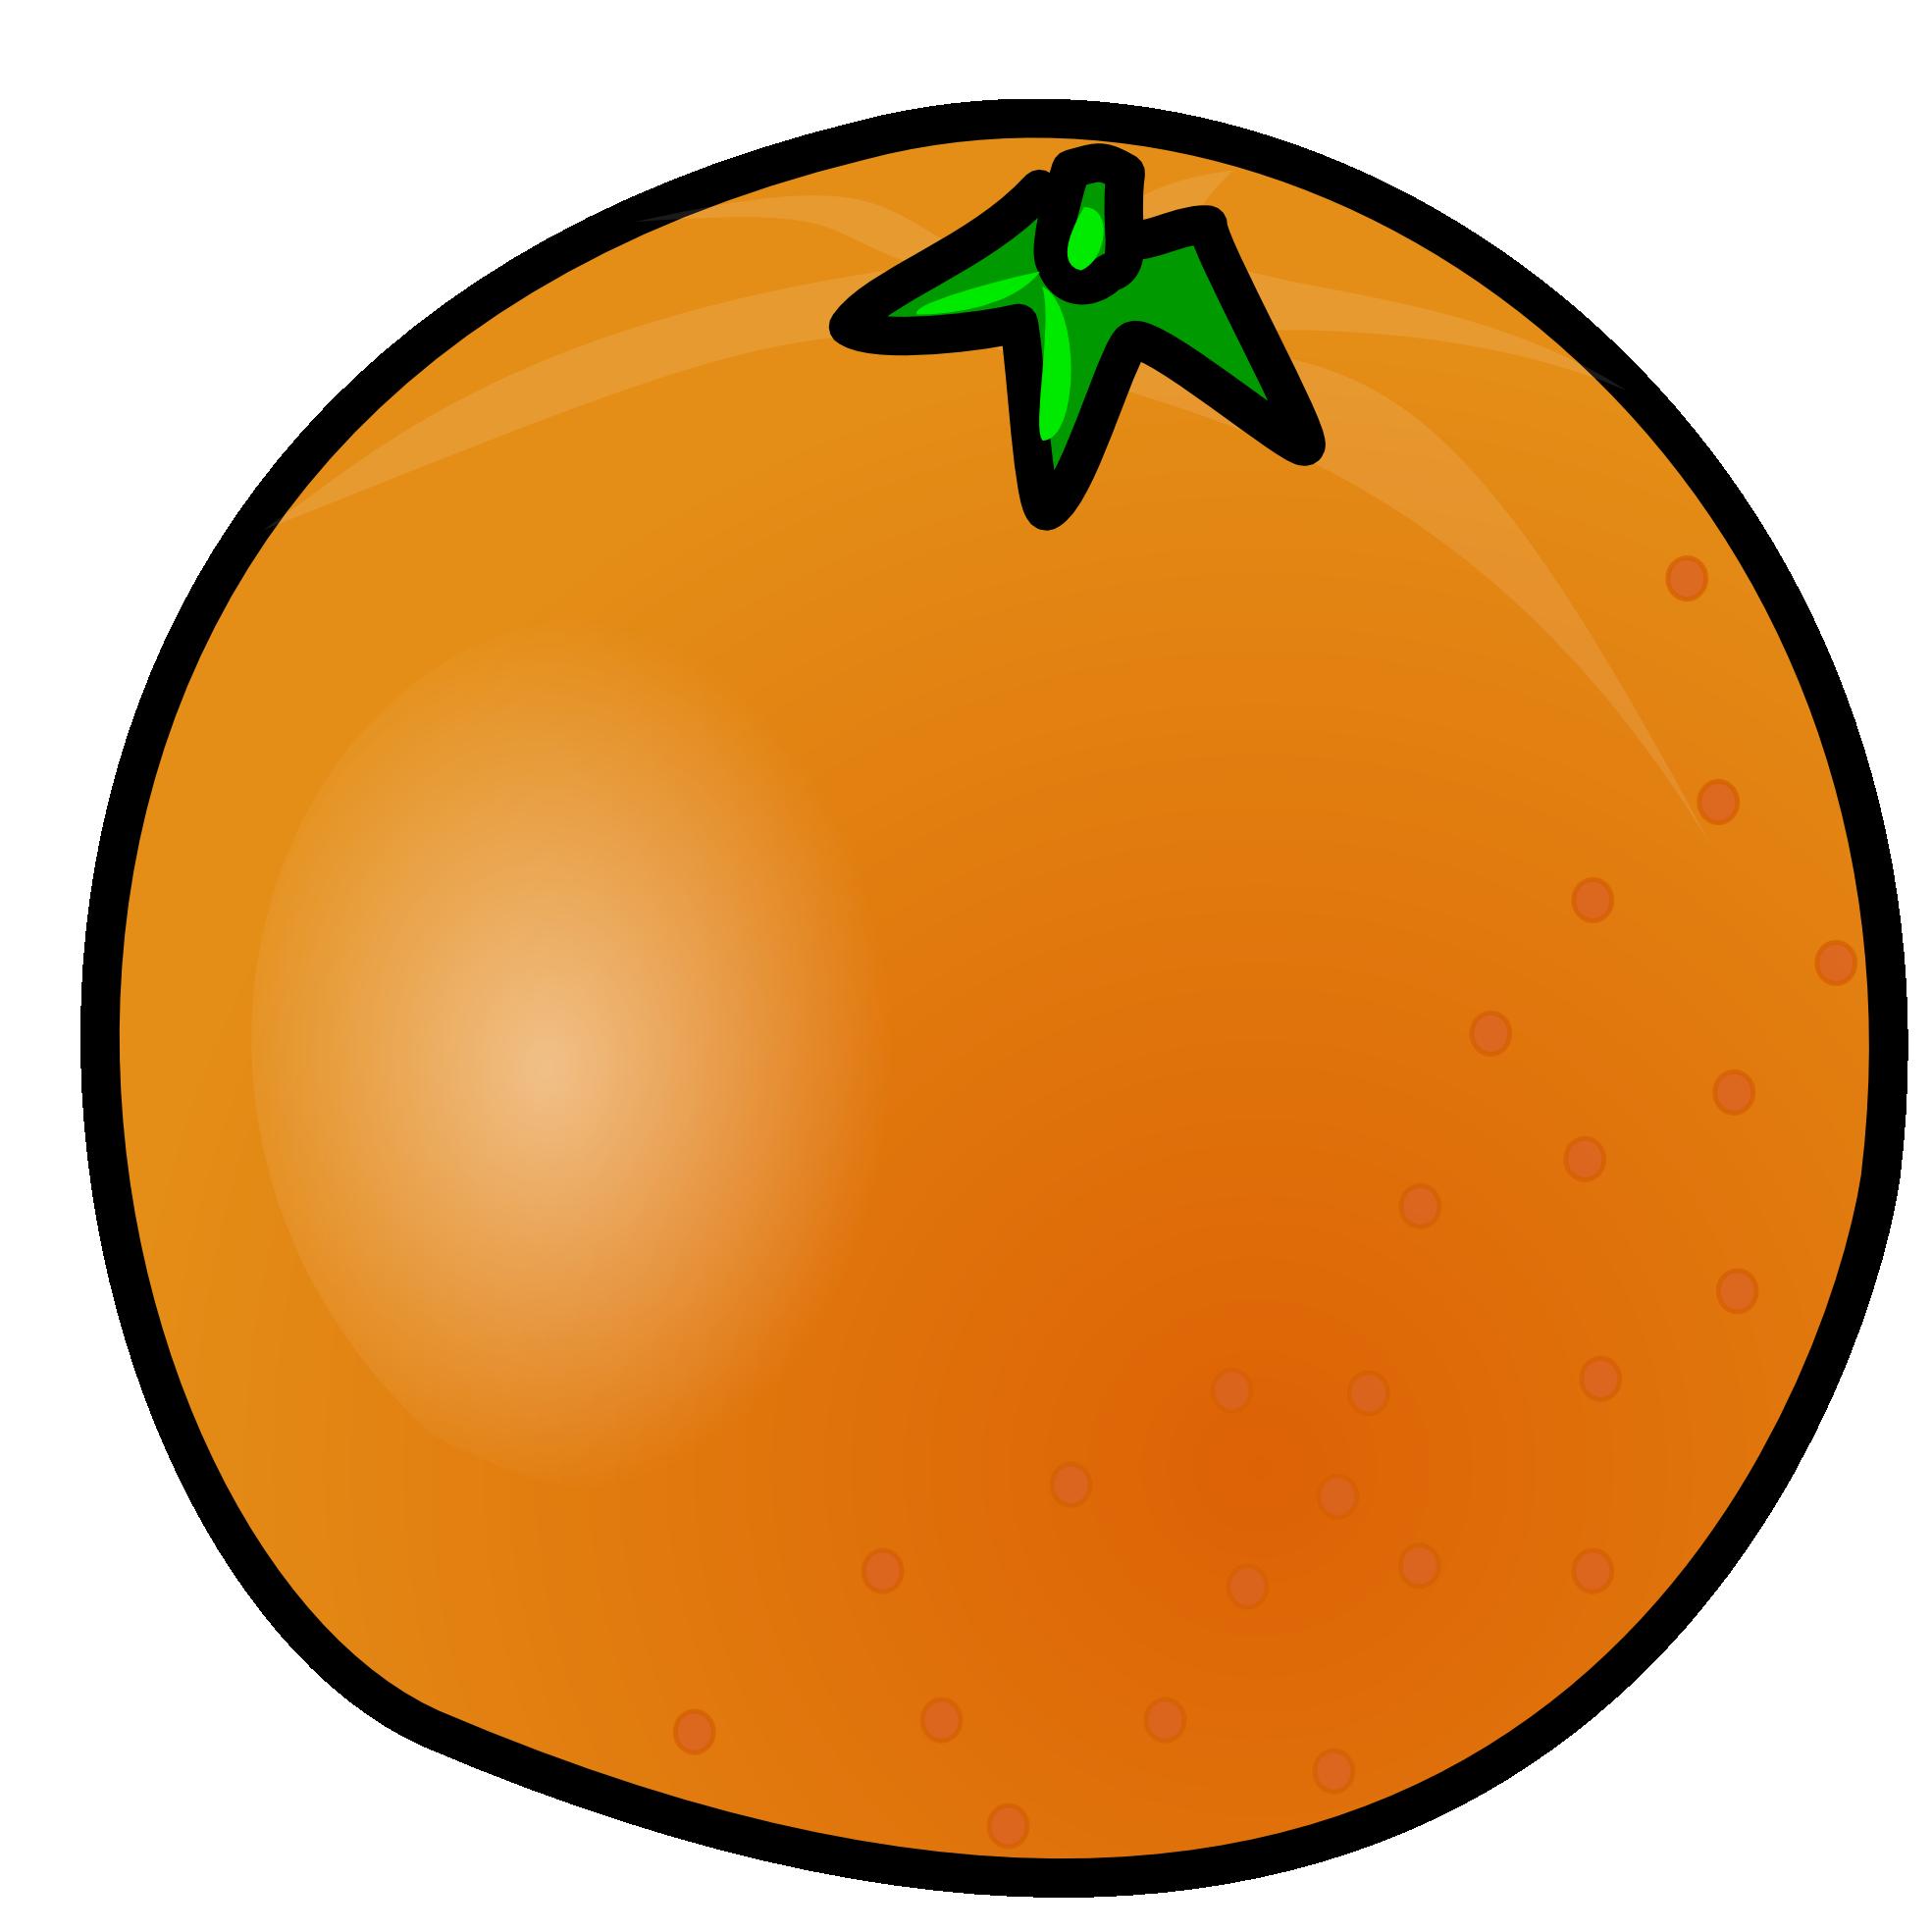 Orange Clip Art-Orange Clip Art-12